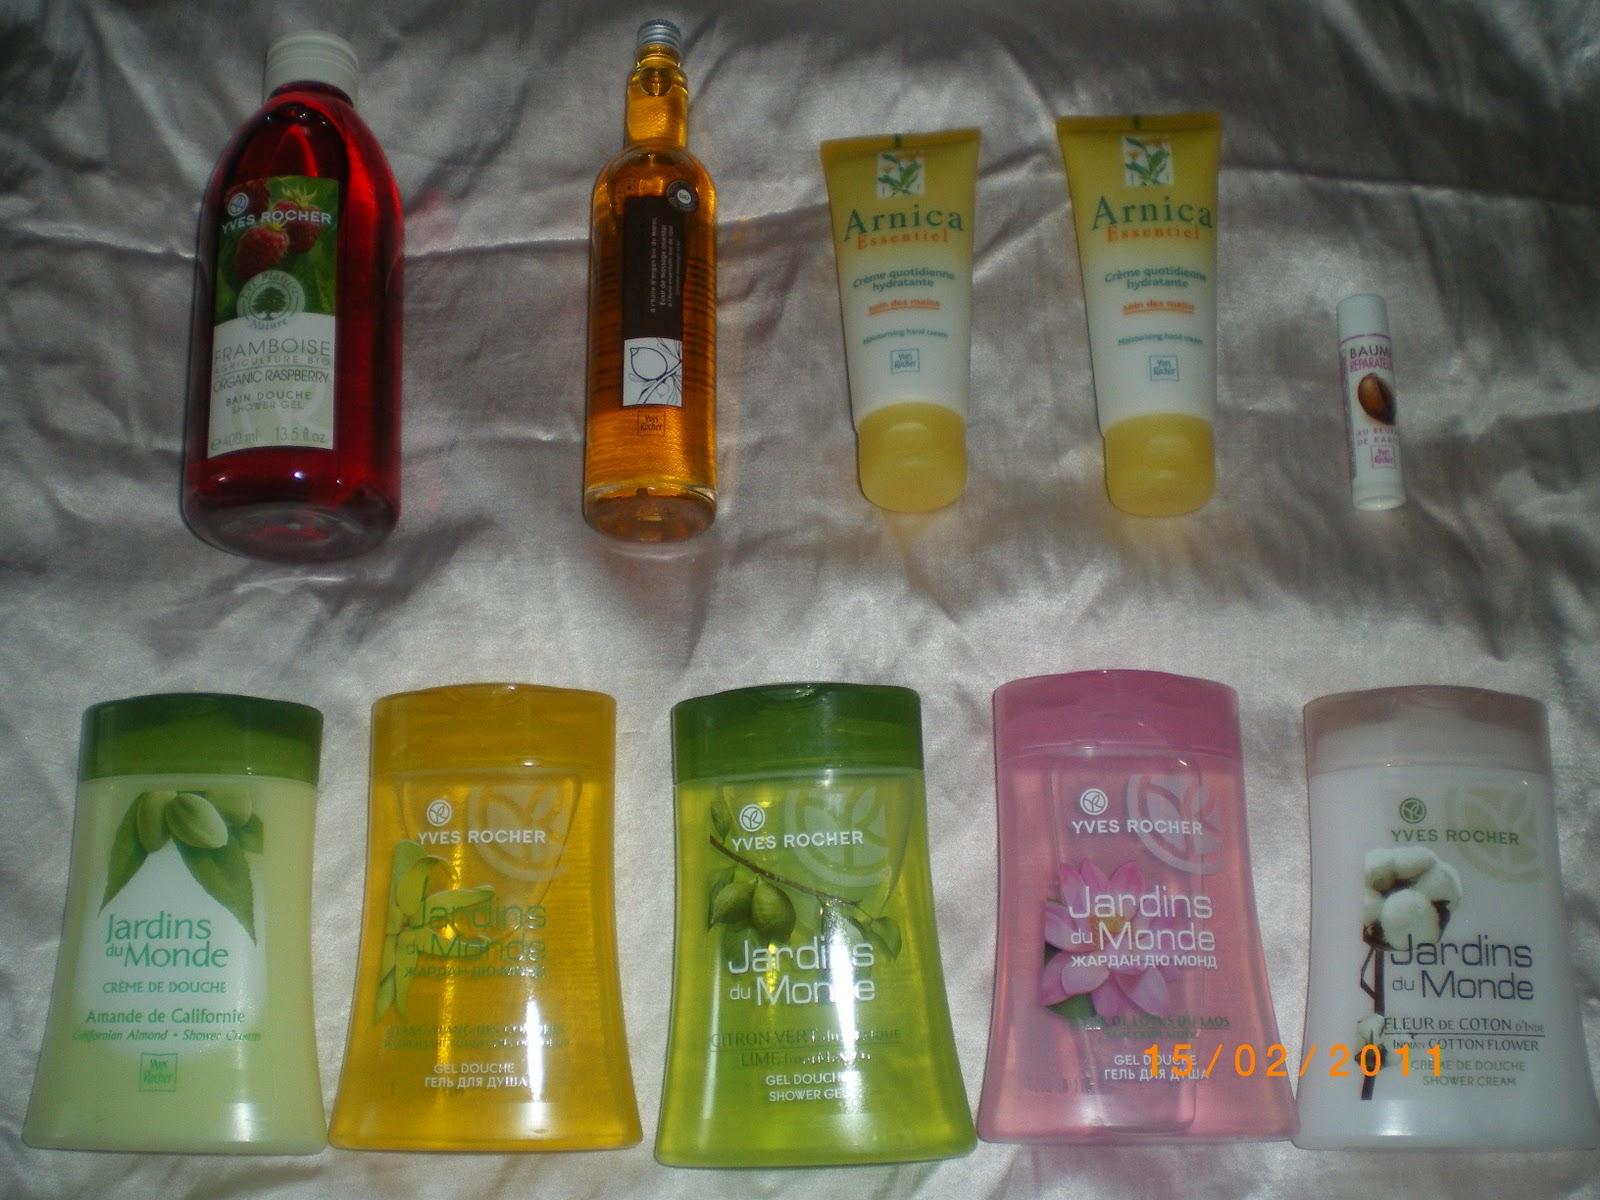 Подарки при покупке товаров в интернет-магазине Ив Роше 22